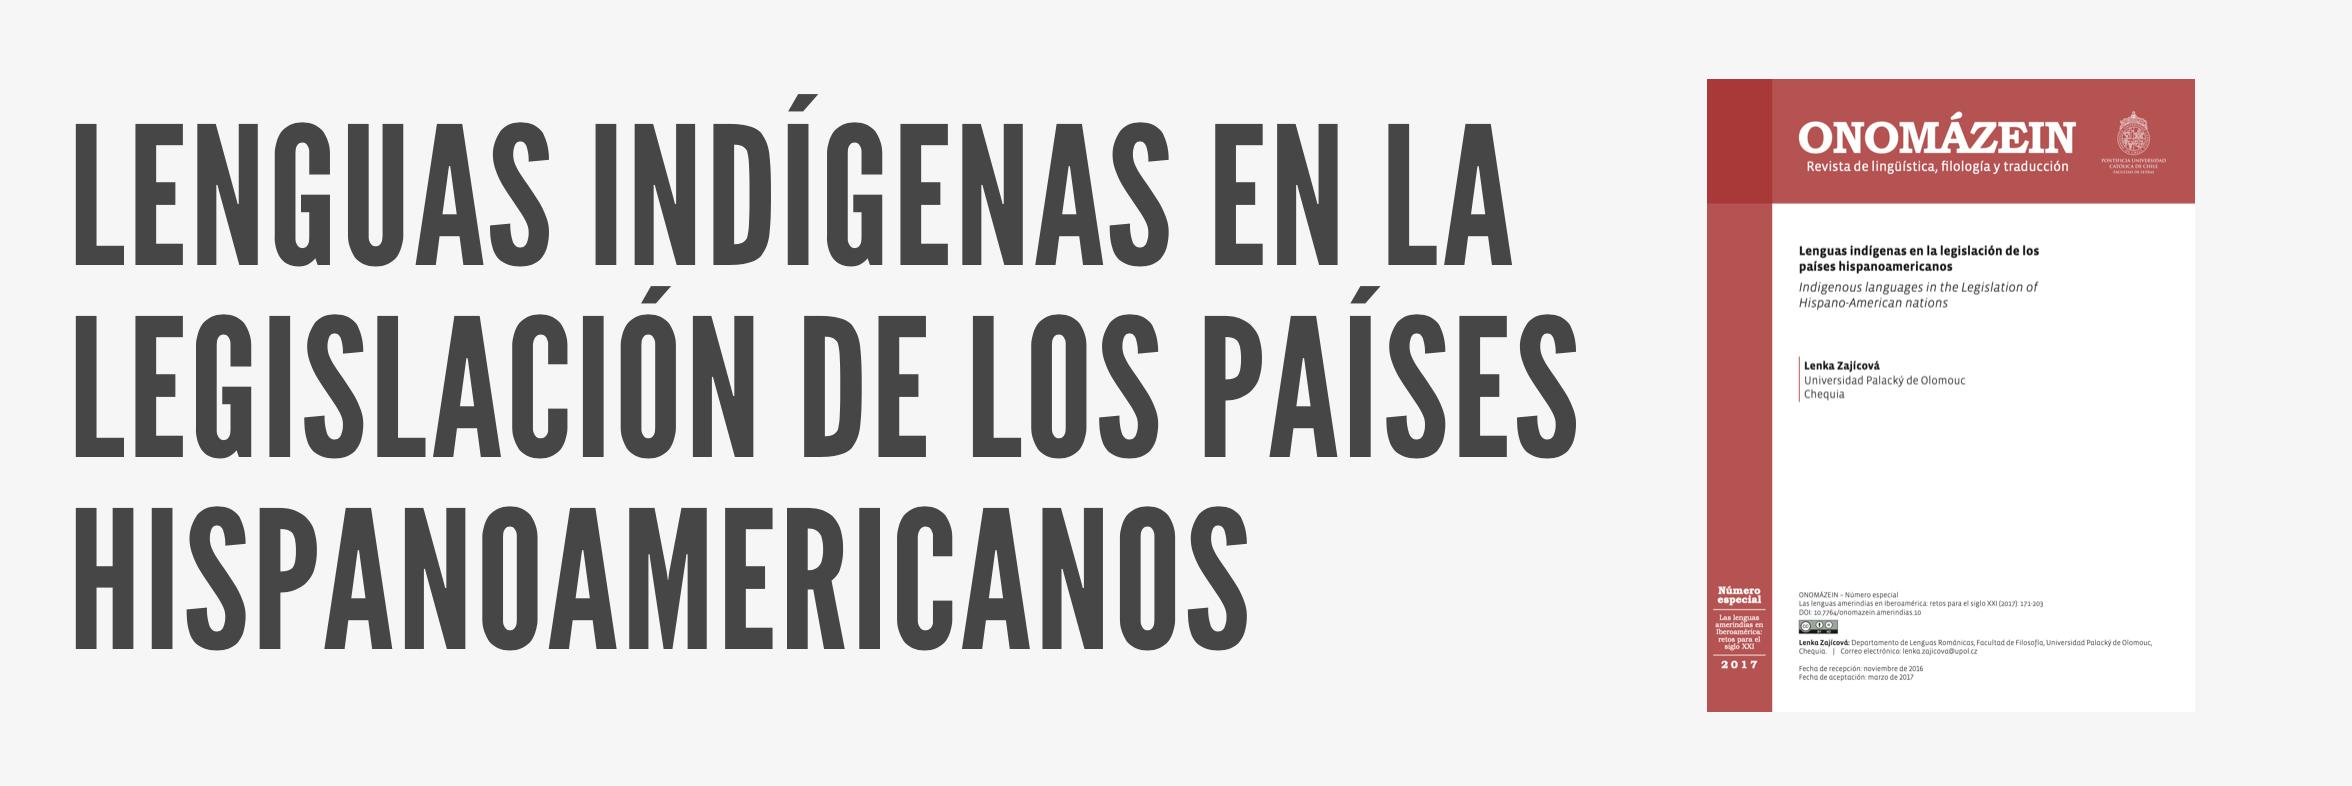 LENGUAS INDÍGENAS EN LA LEGISLACIÓN DE LOS PAÍSES HISPANOAMERICANOS